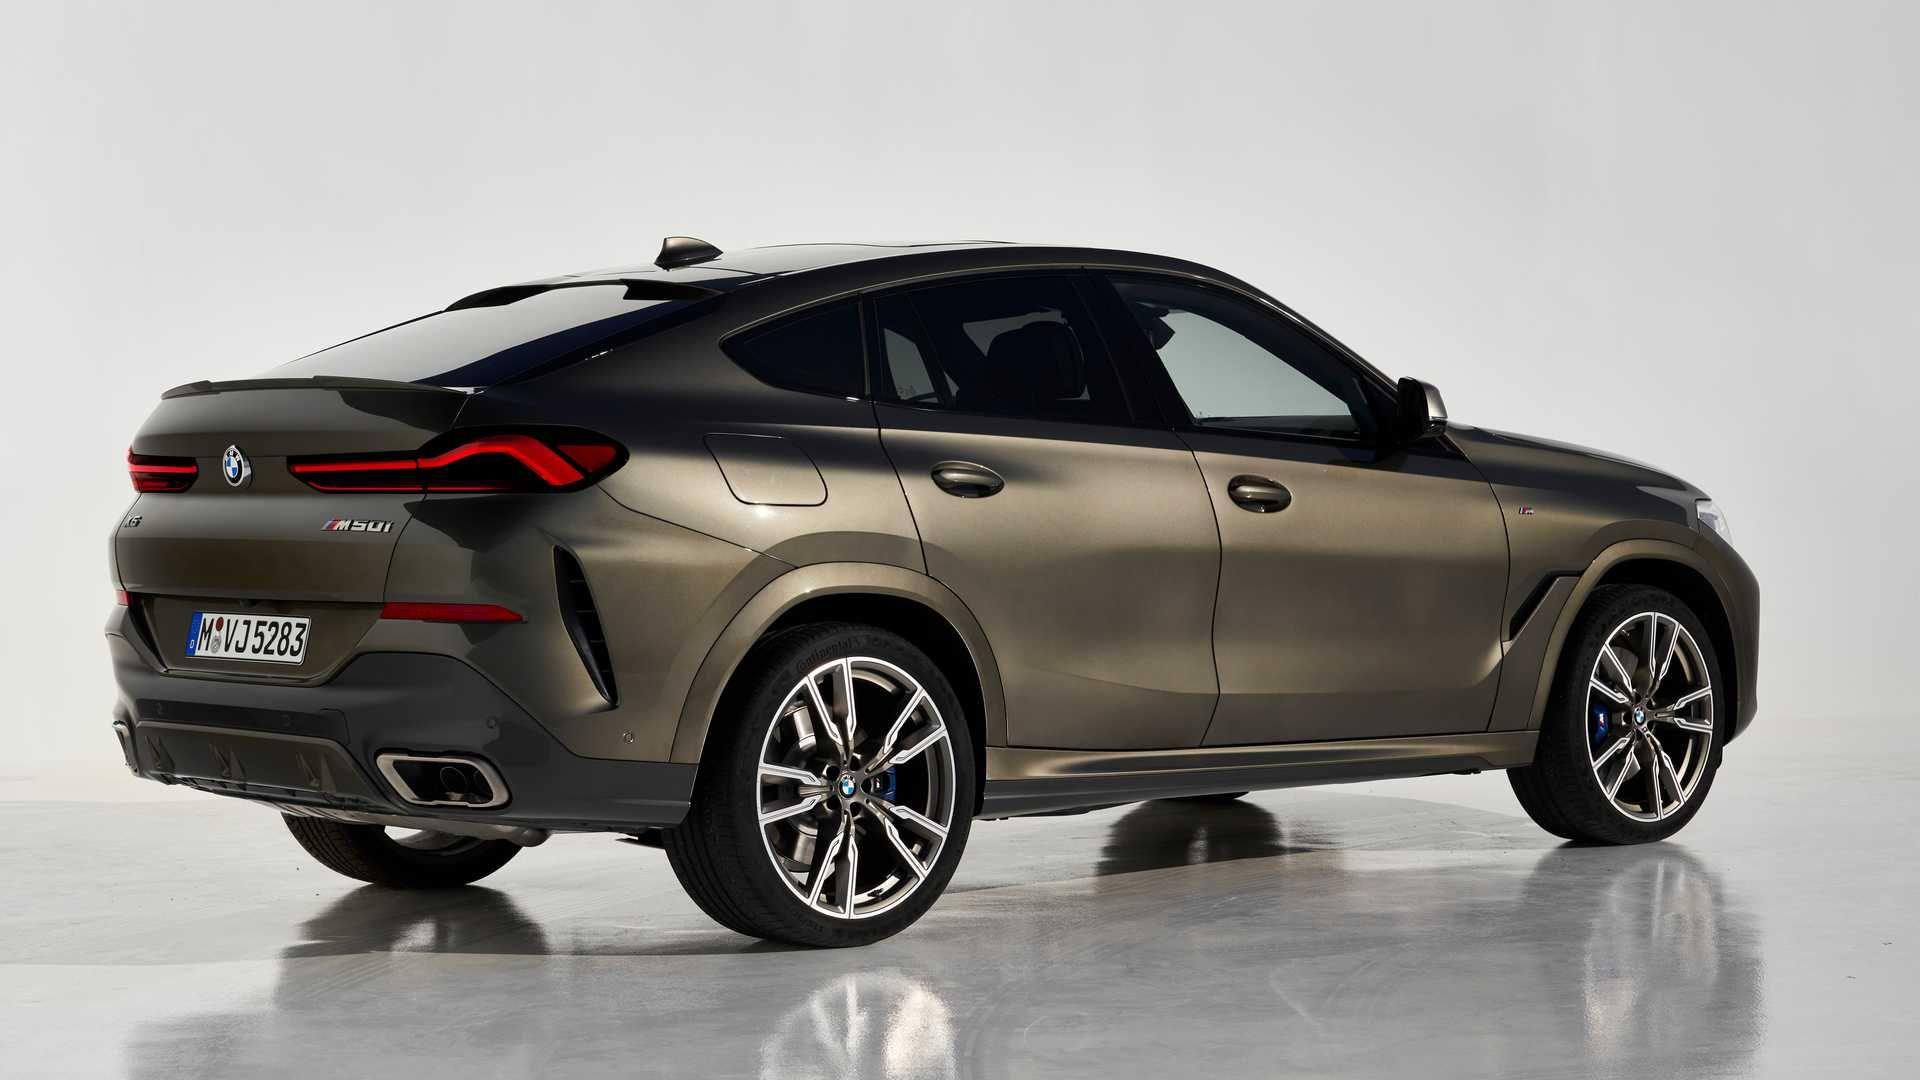 2020 Bmw X6 Bmw X6 New Bmw Latest Cars